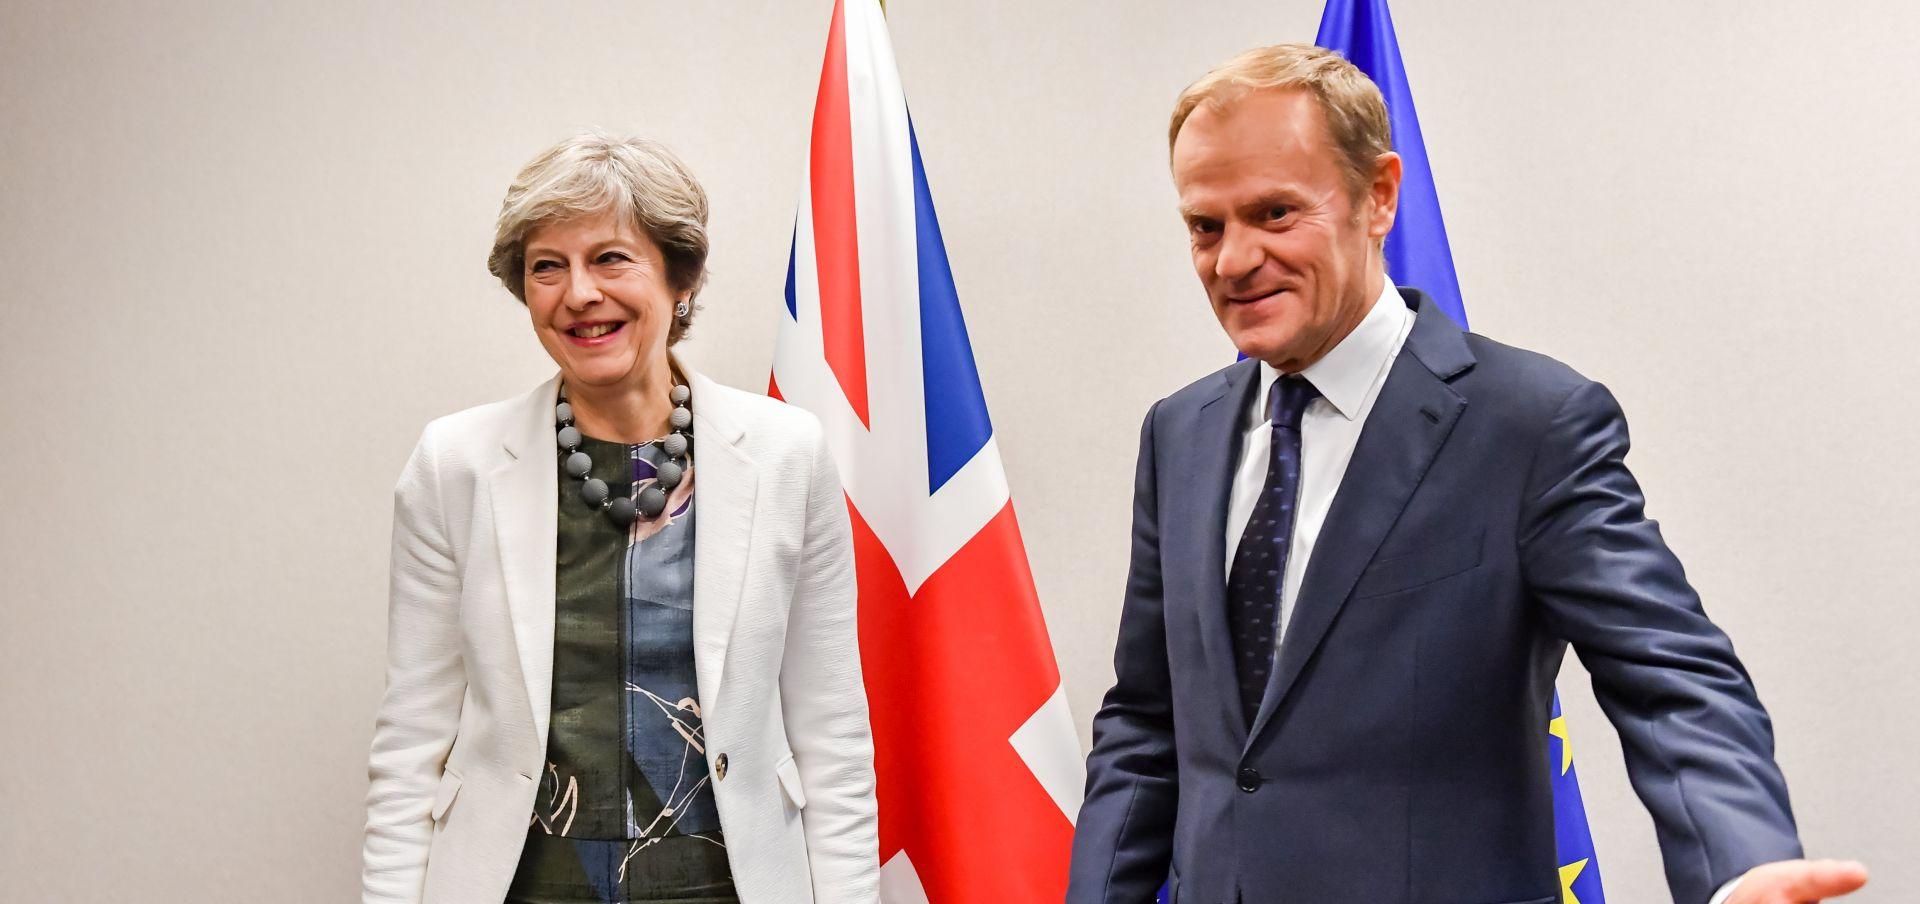 """TUSK """"Europsko vijeće dijeli britansko stajalište da je za napad nervnim otrovom odgovorna Rusija"""""""